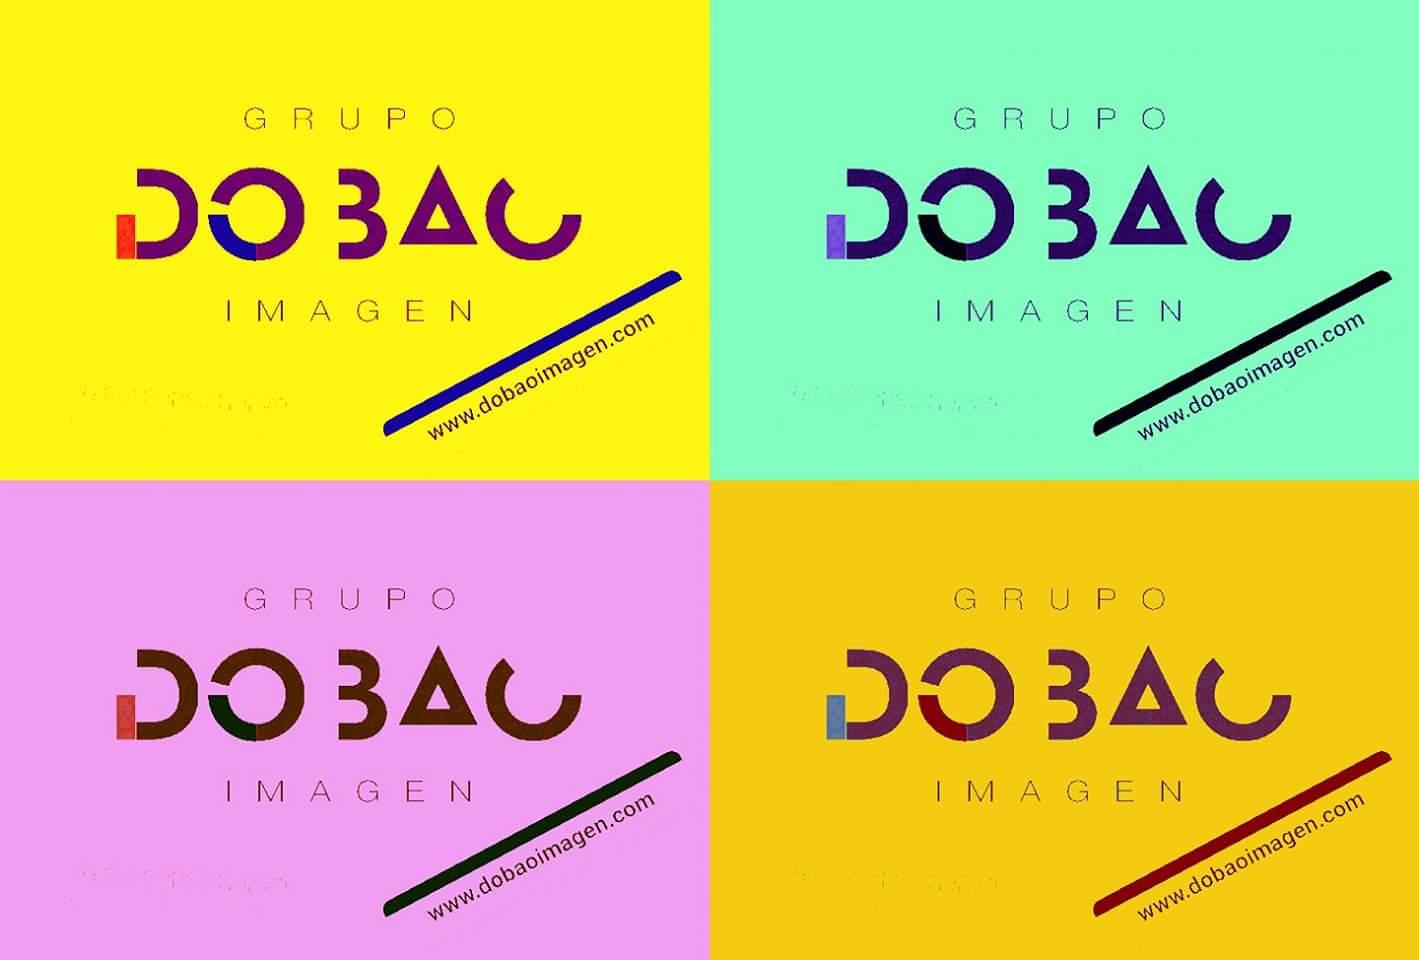 DOBAO IMAGEN Centro de Formación Profesional/Peluquería-Estética y Barbería